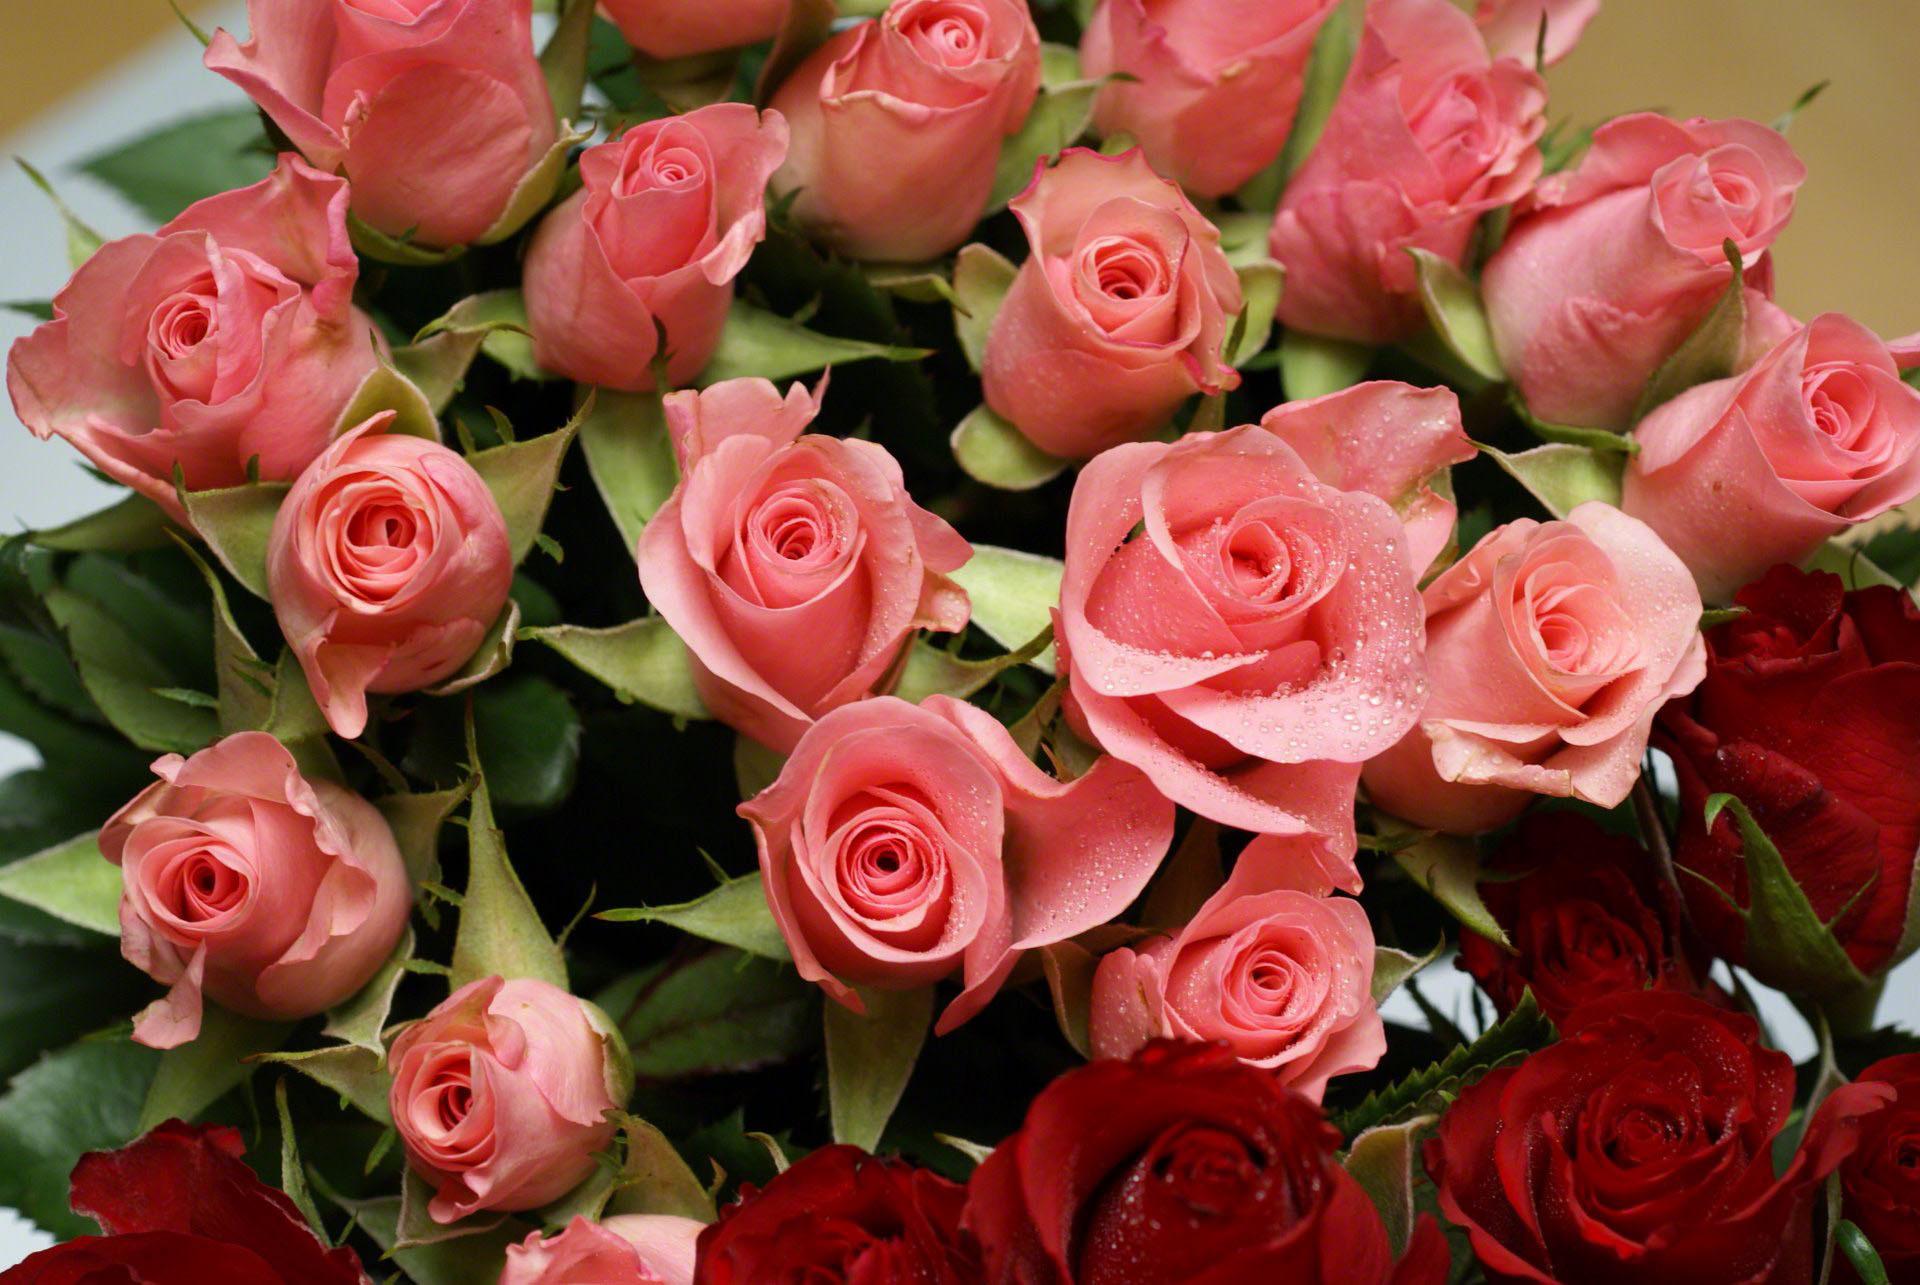 цвет красивые розы фотографии большие хостер мог